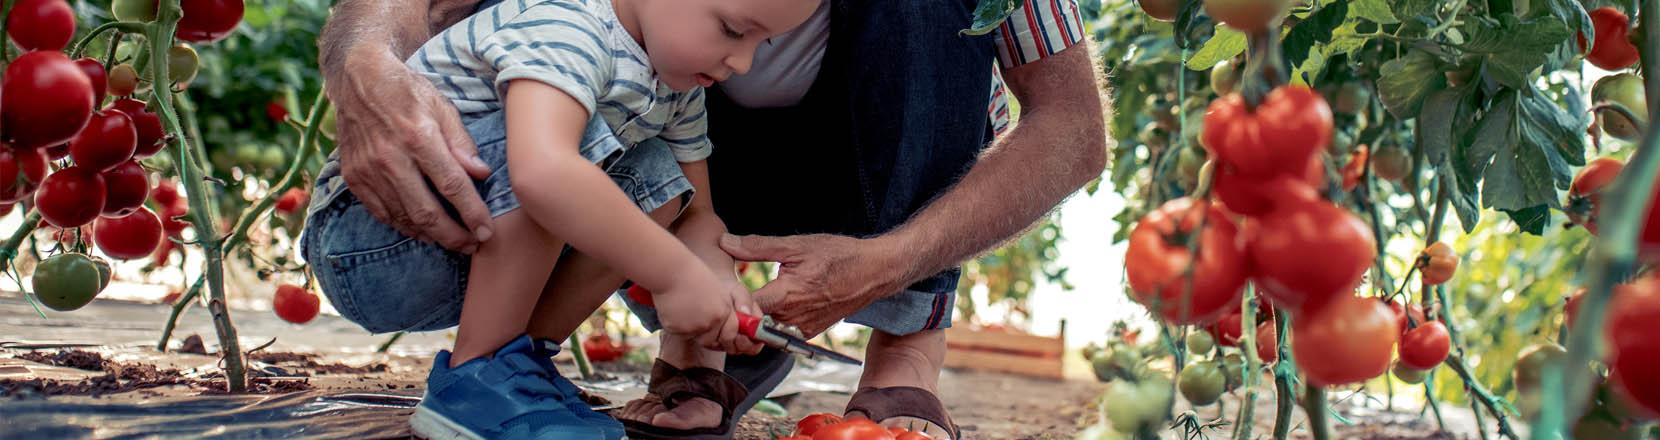 Fai da mediatore: il nonno sta vicino al nipote mentre usa forbici da giardiniere (cesoie)